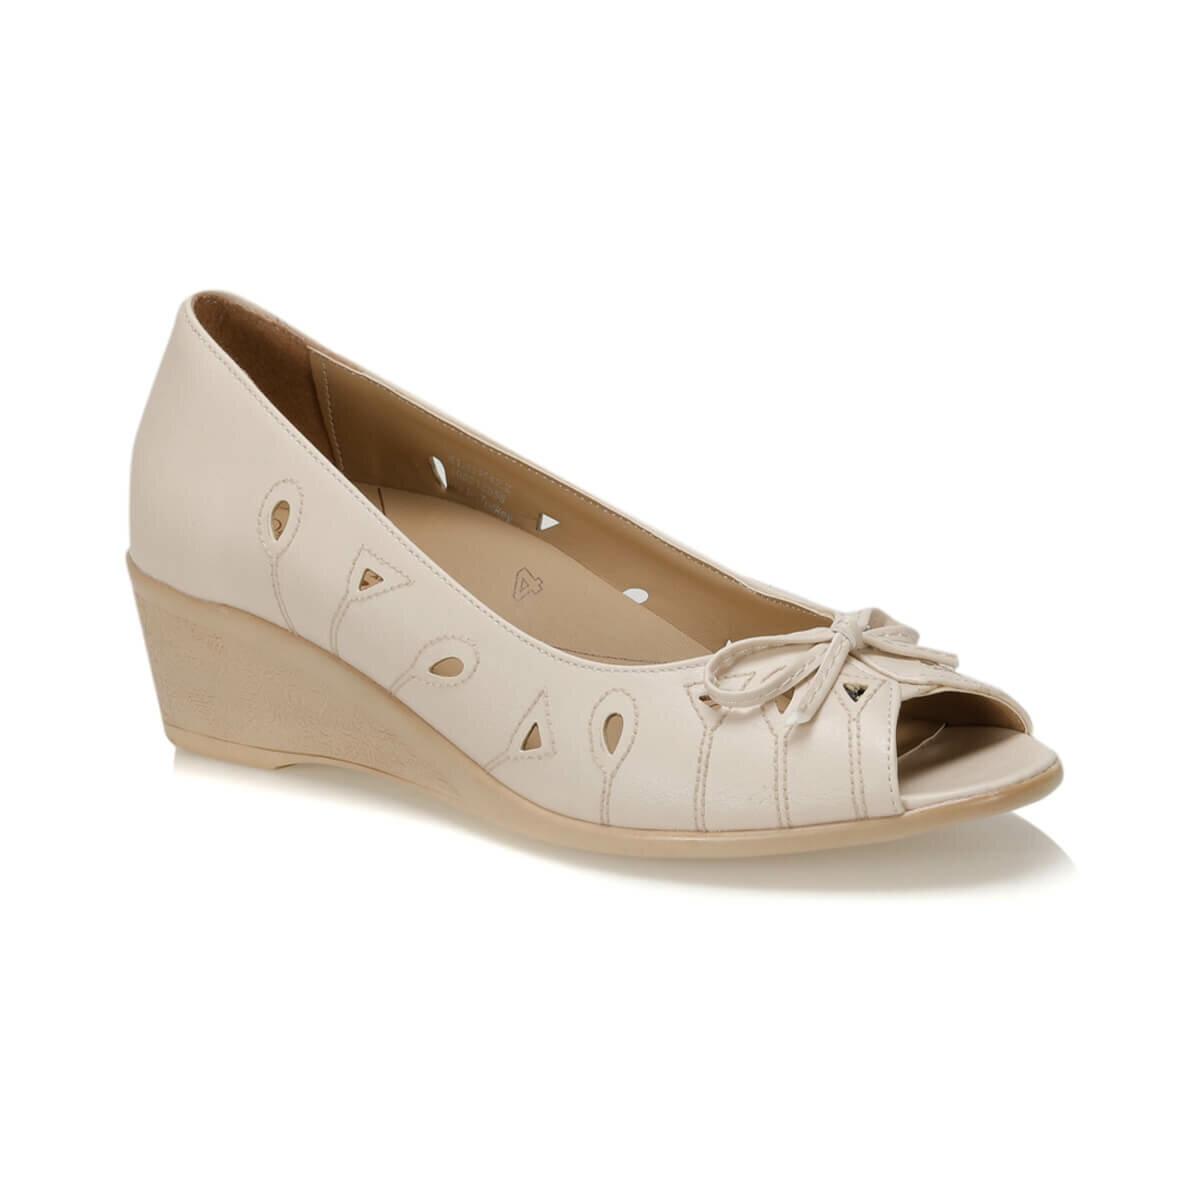 Flo 81.111142.z sapatos femininos bege polaris 5 ponto